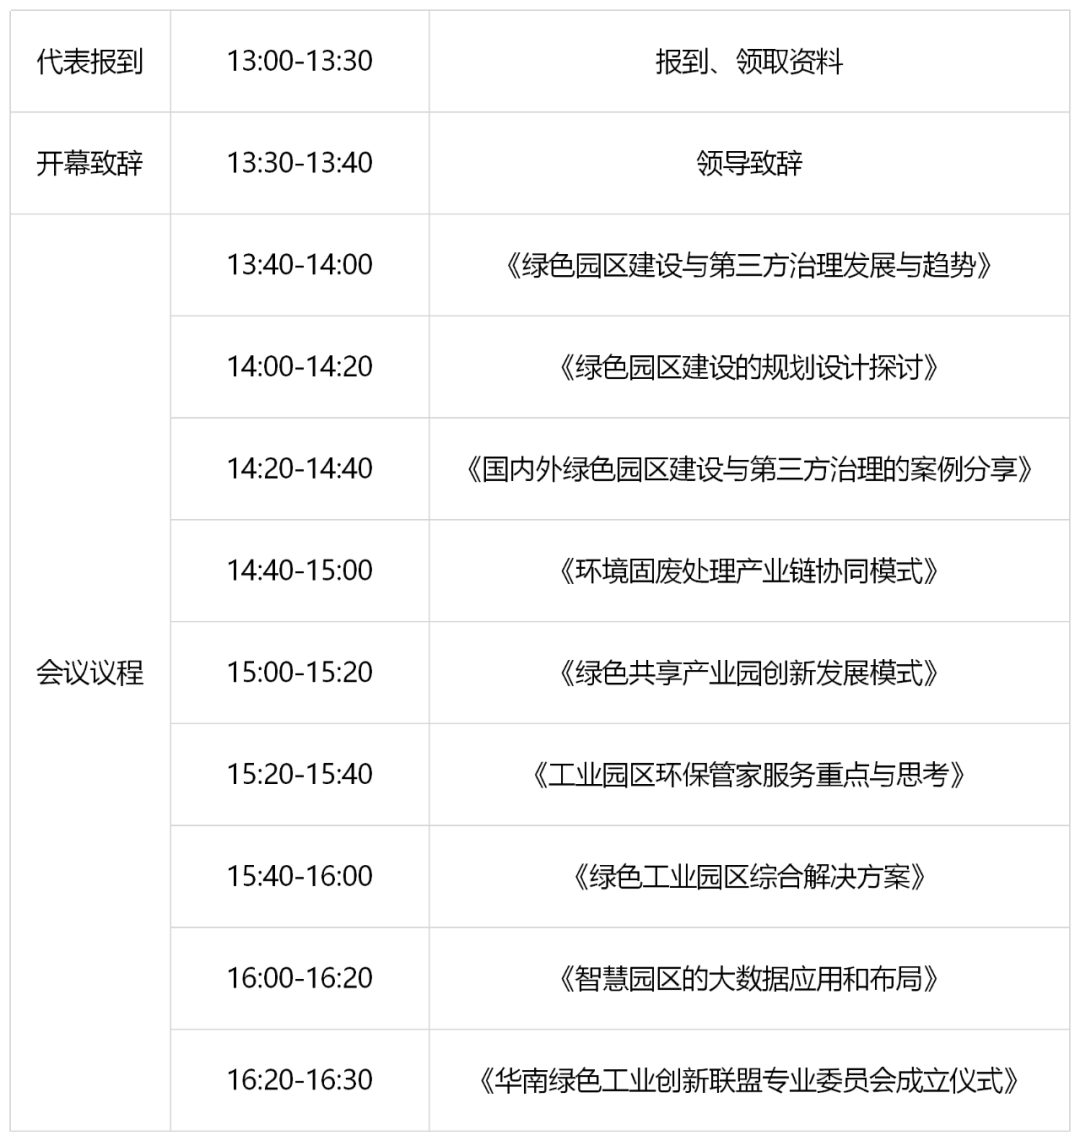 打破园区第三方治理难落地局面,2020第八届华南环境产业发展论坛即将在广州环博会同期举办